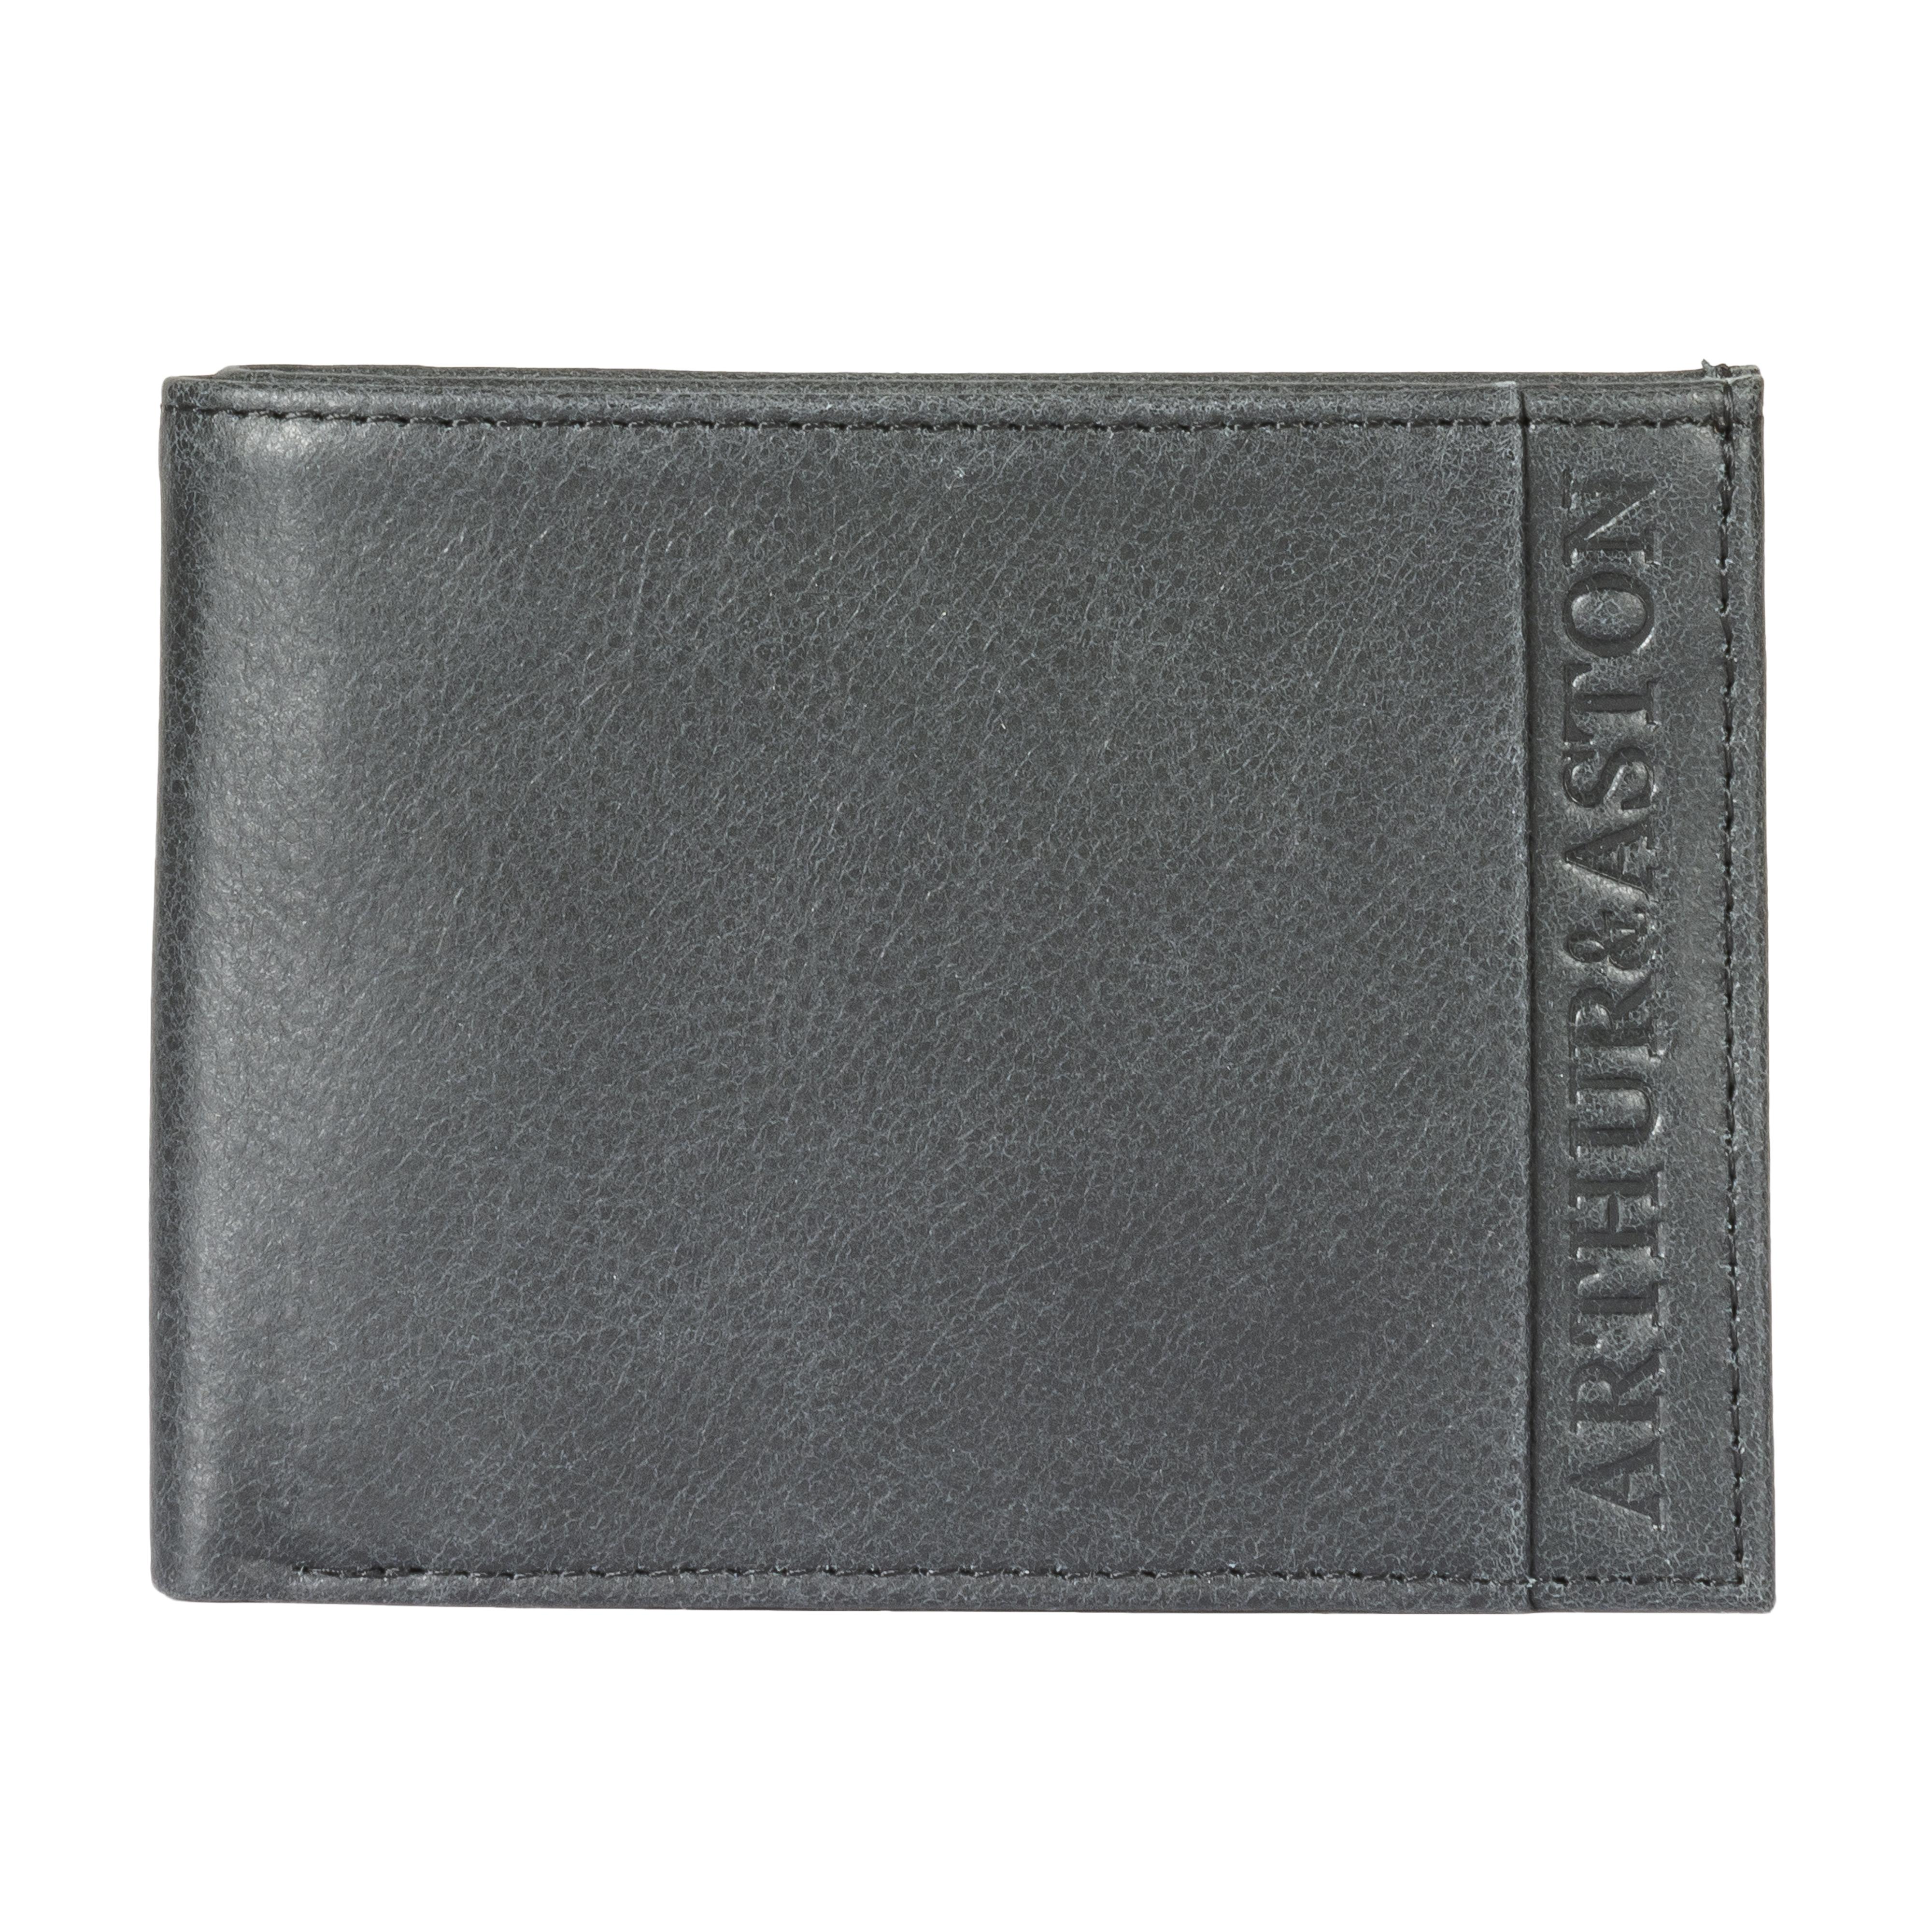 Portefeuille italien 2 volets arthur & aston en cuir de vachette noir